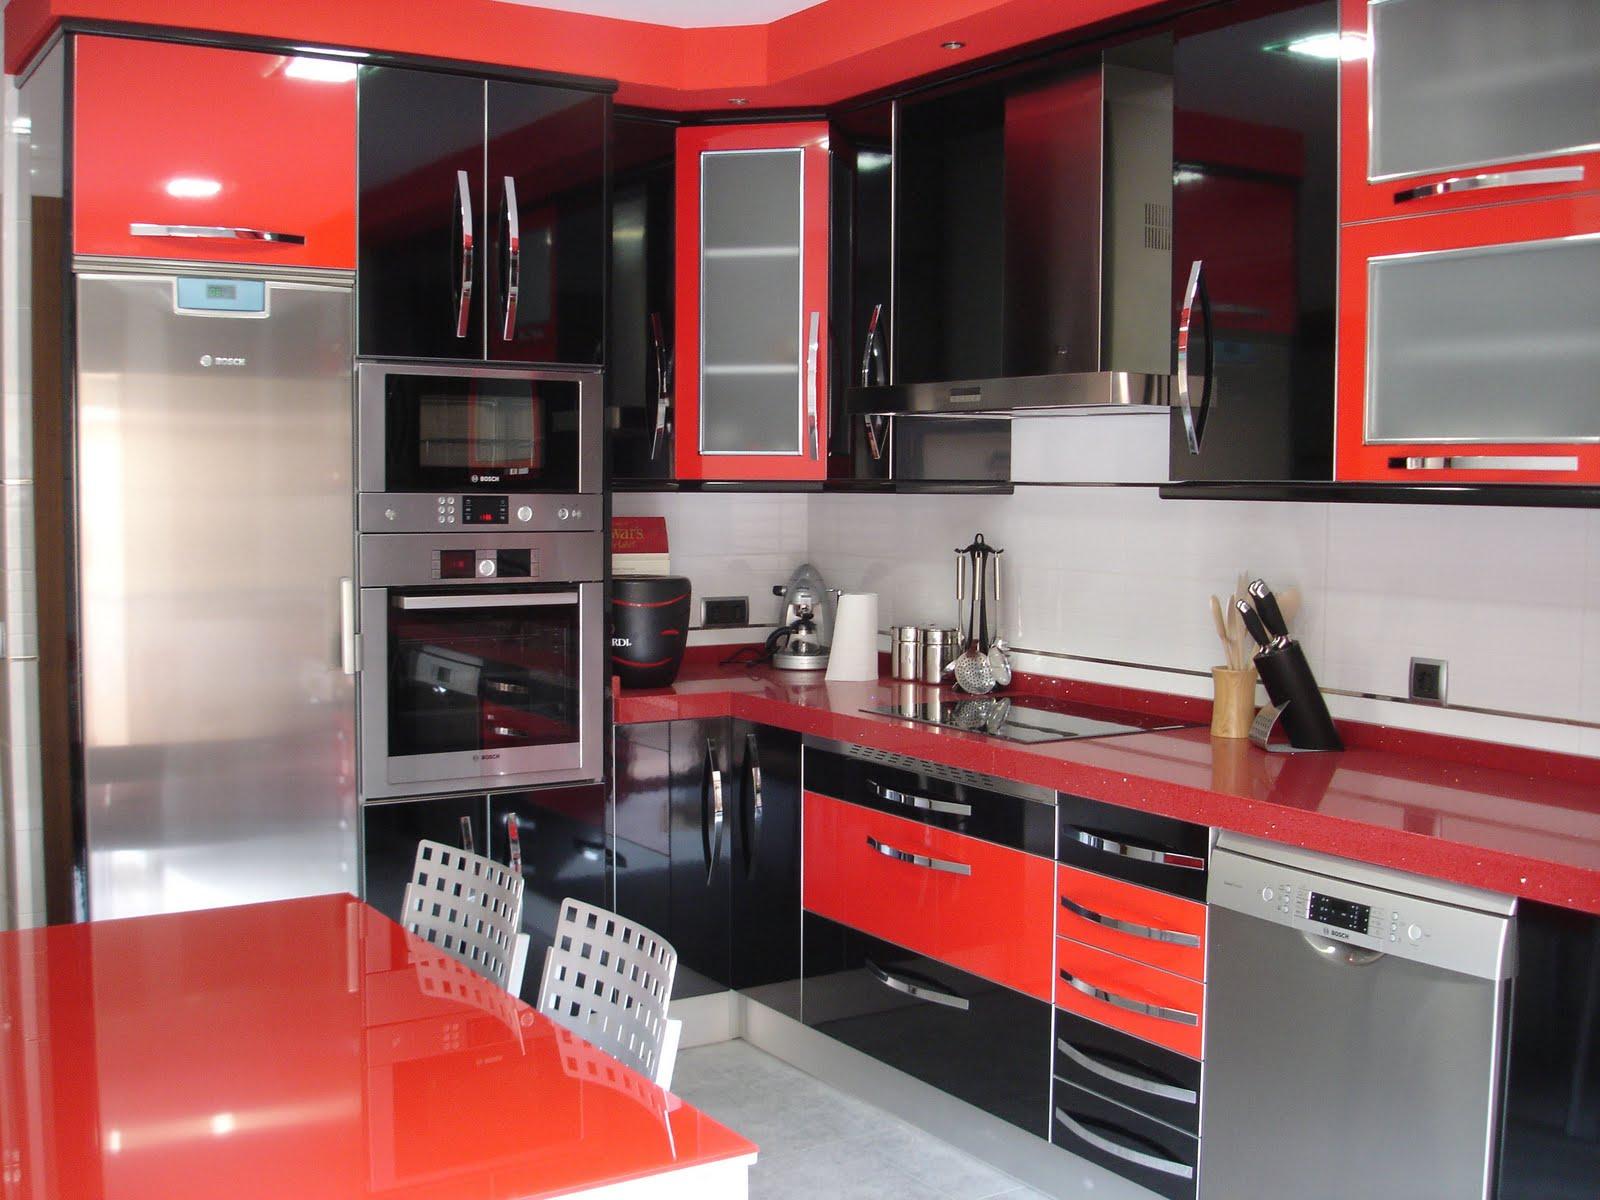 Mueblemina moderno mueble de cocina for Cocinas reposteros modernos